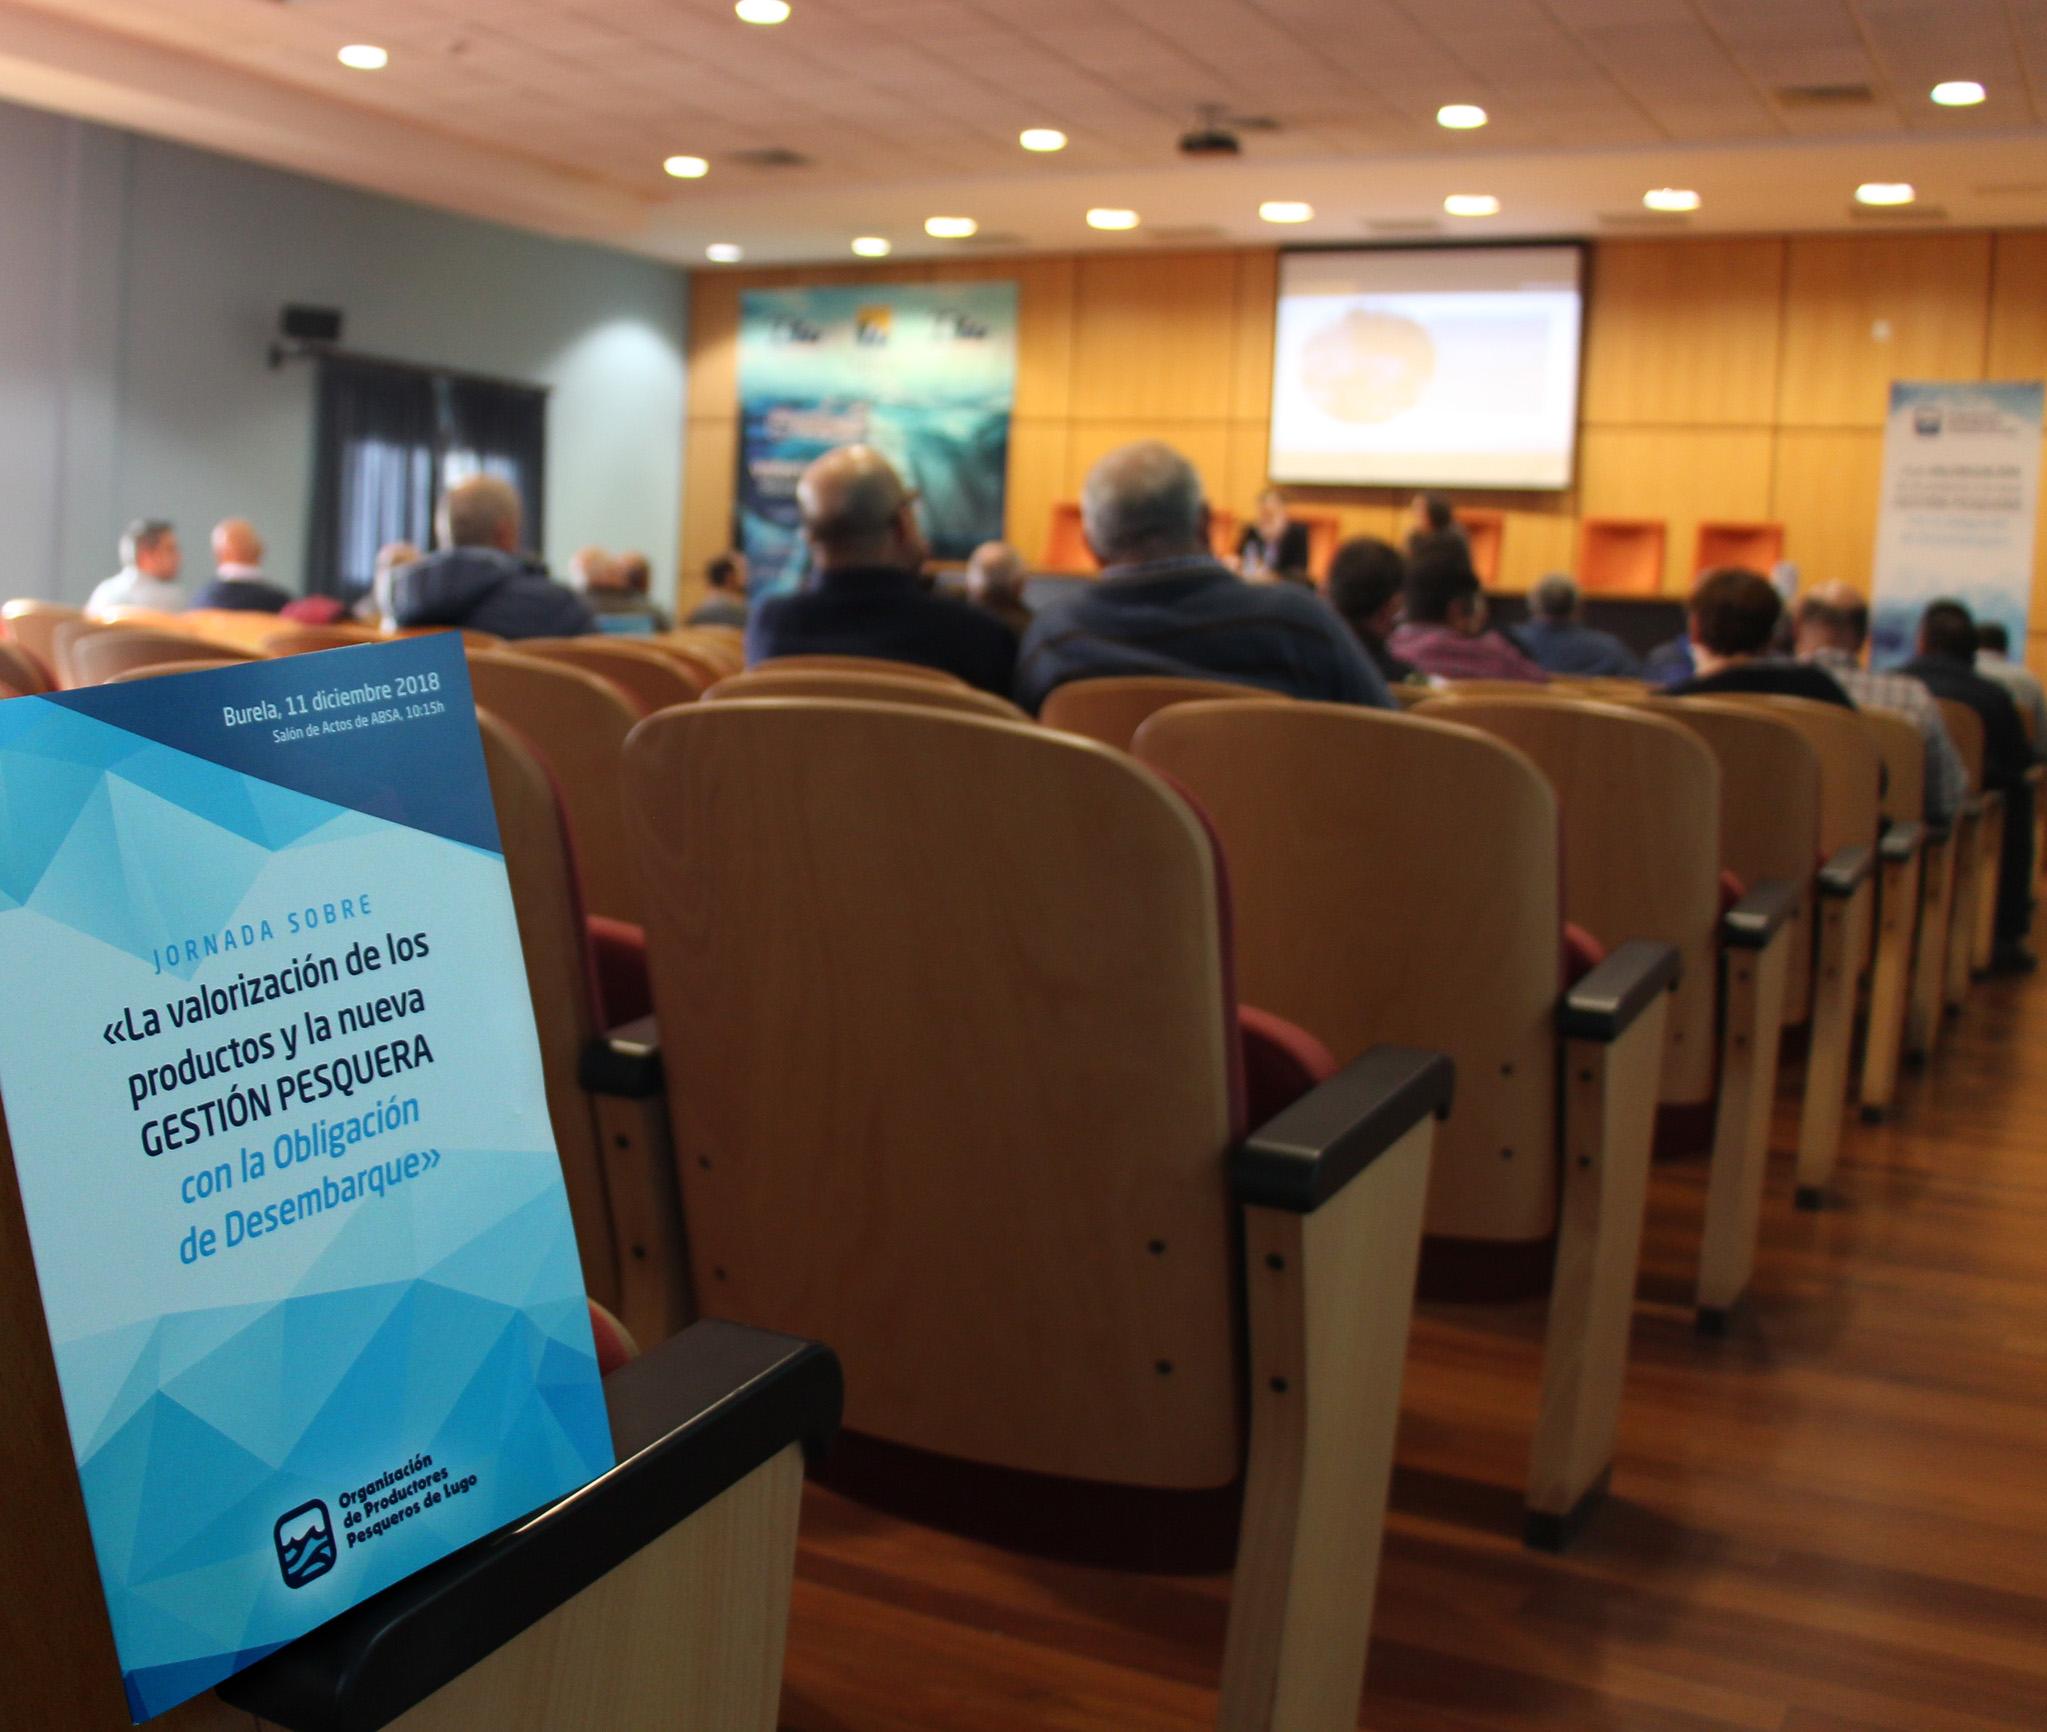 JORNADA VALORIZACION DESCARTES EN LA PESCA